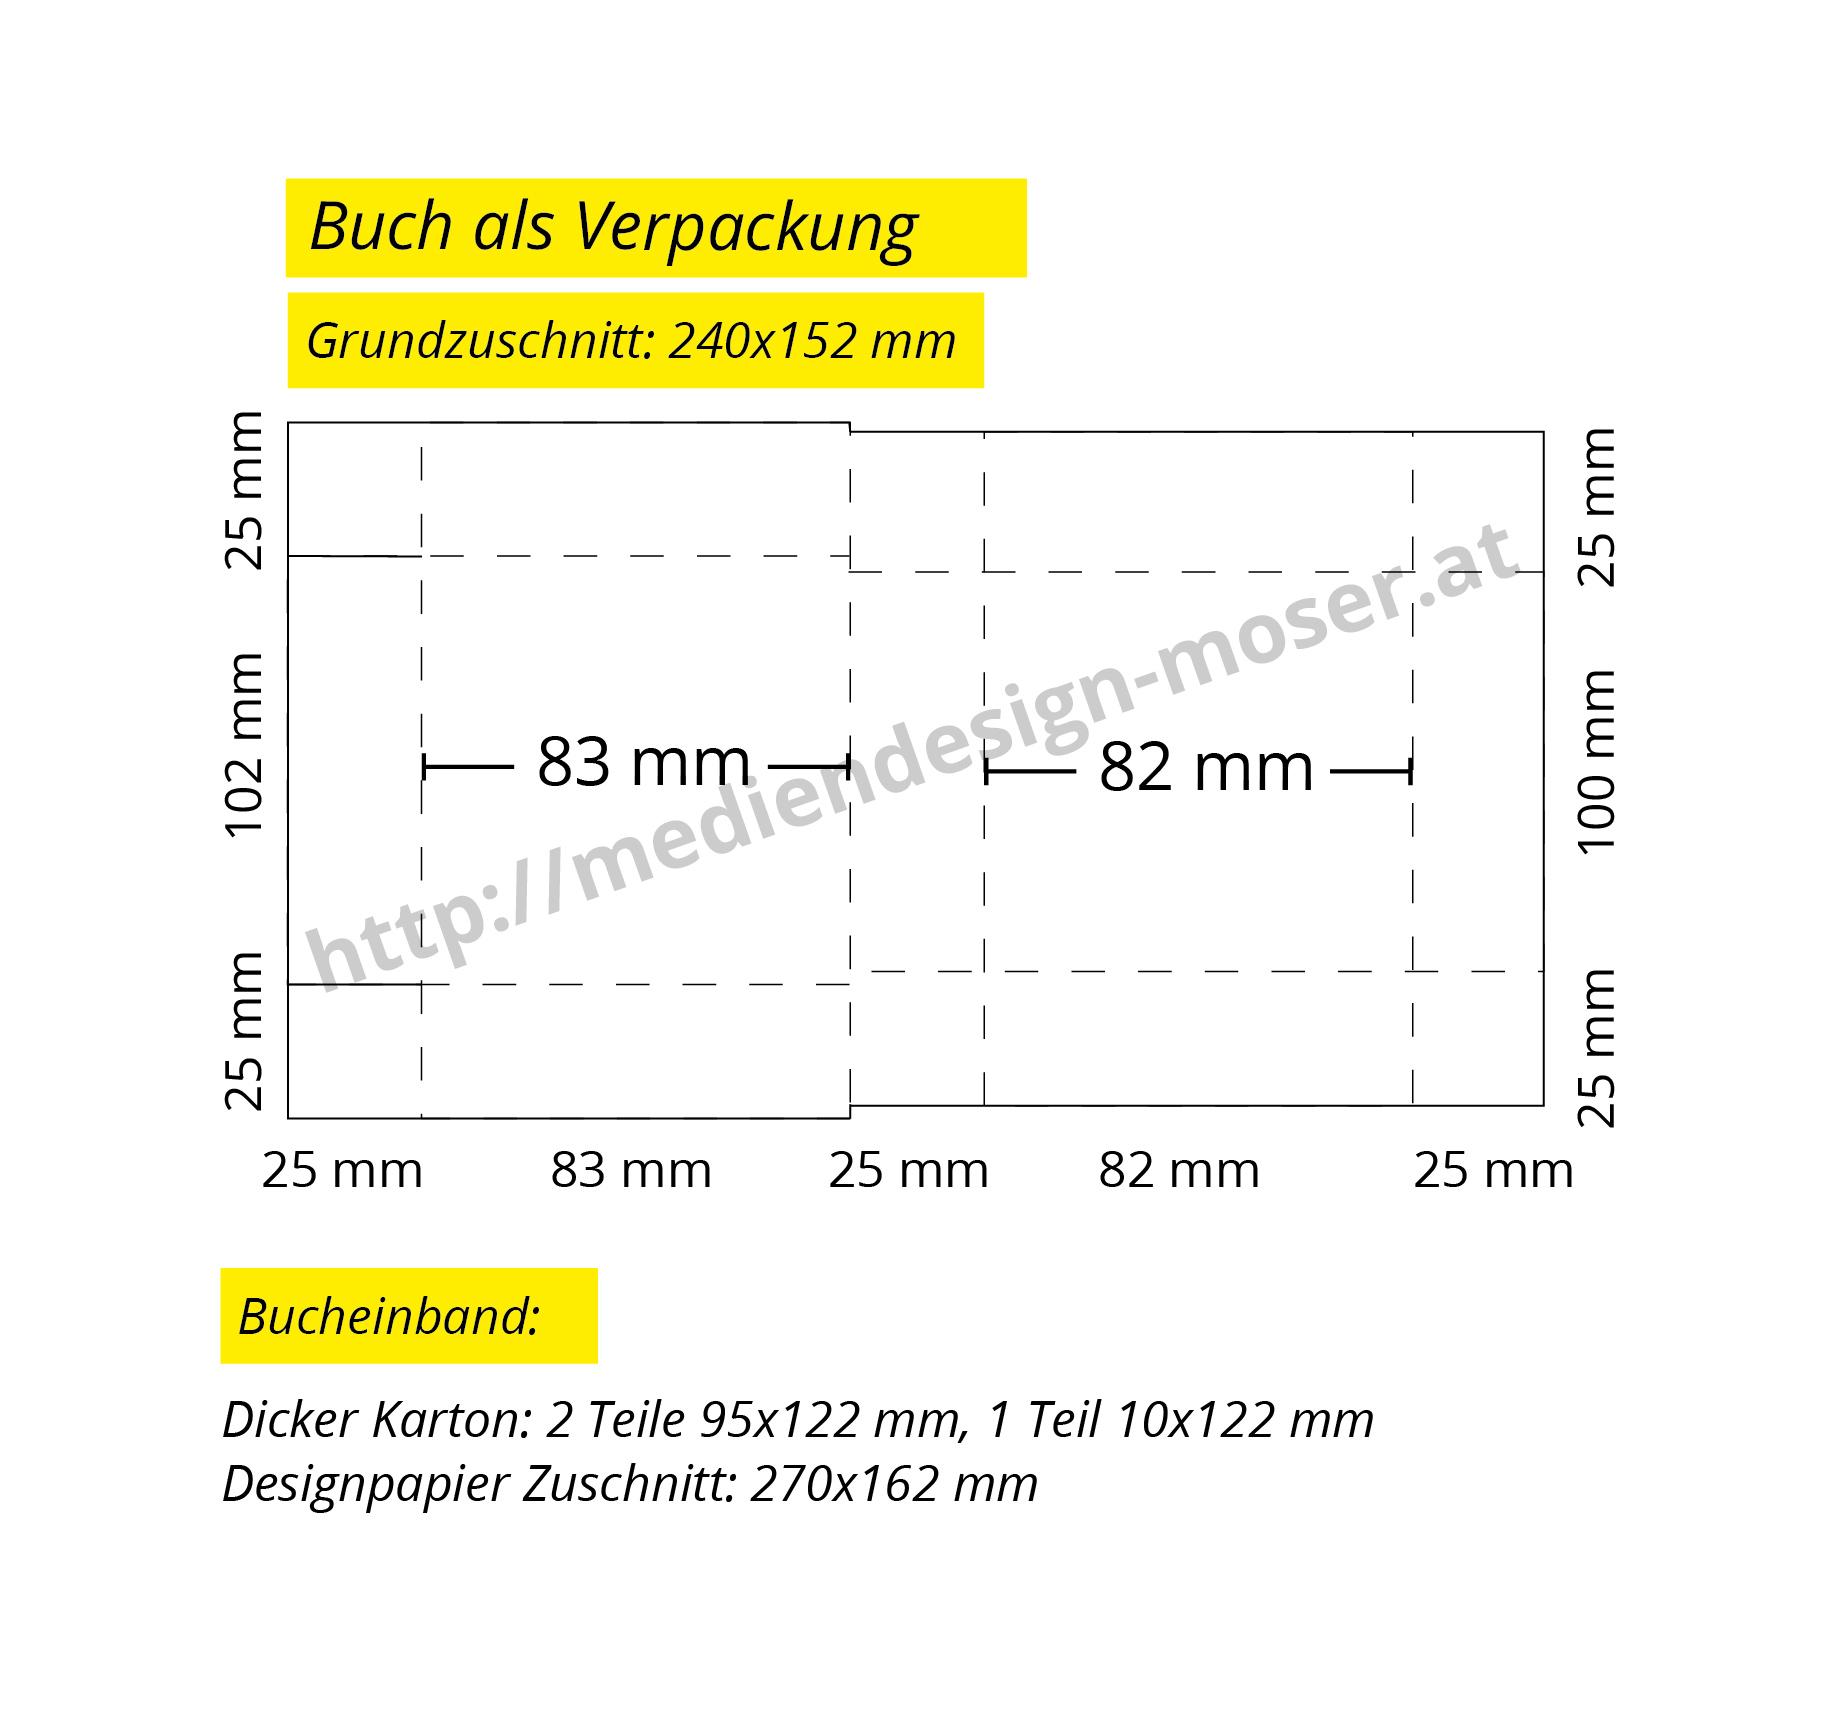 2016-05-zuschnitt-buchverpackung-01